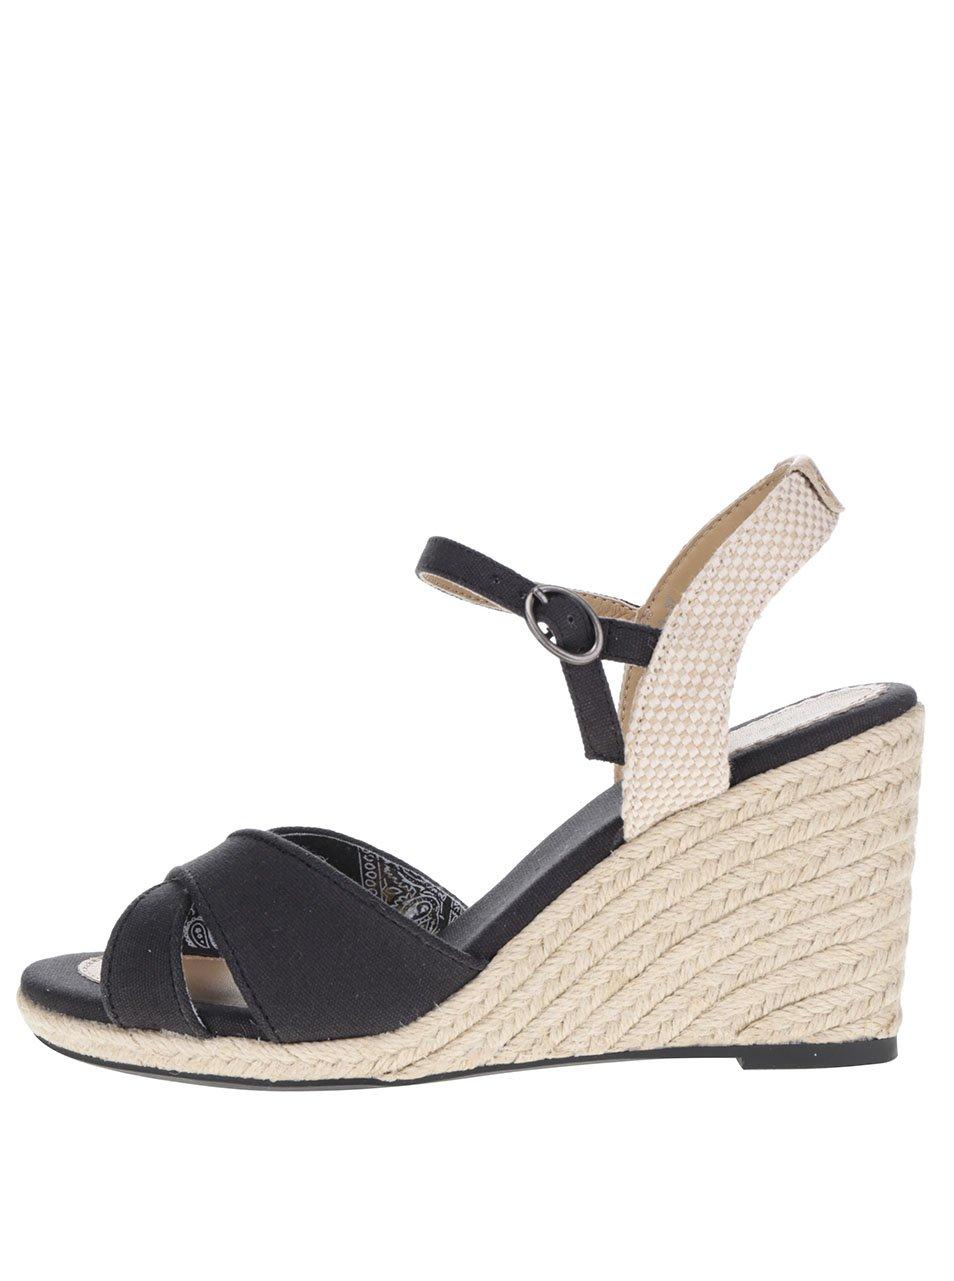 6a346080d0f1 Čierne dámske sandále na klinovom podpätku Pepe Jeans Shark Basic ...